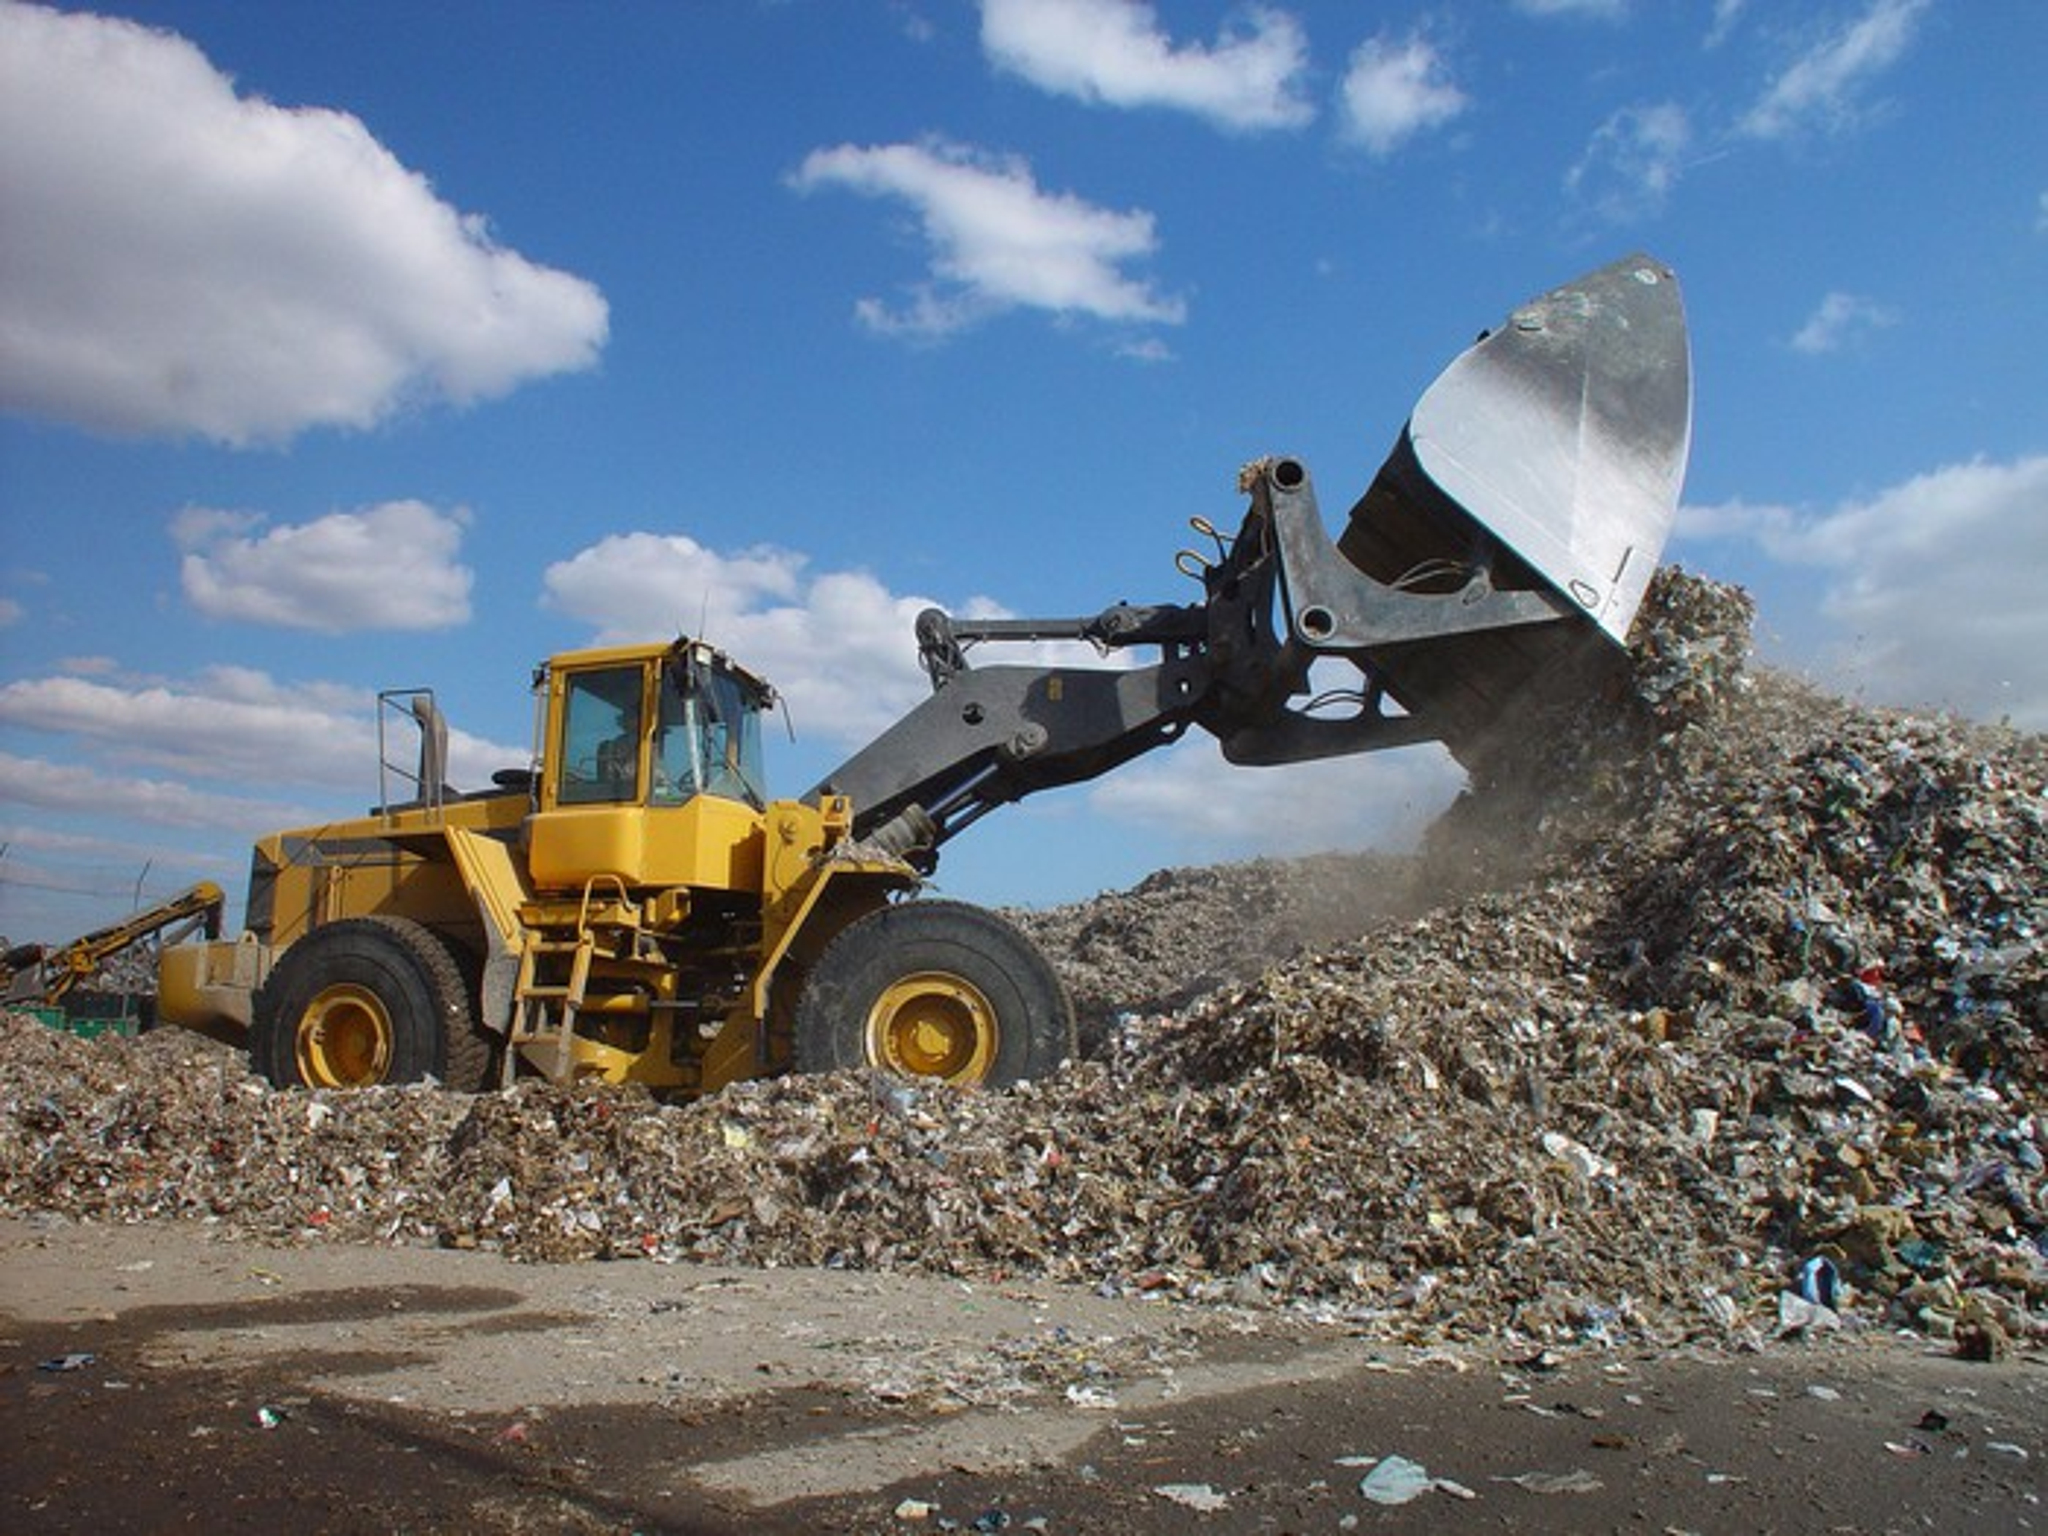 Bulldozer moving waste at a landfill.